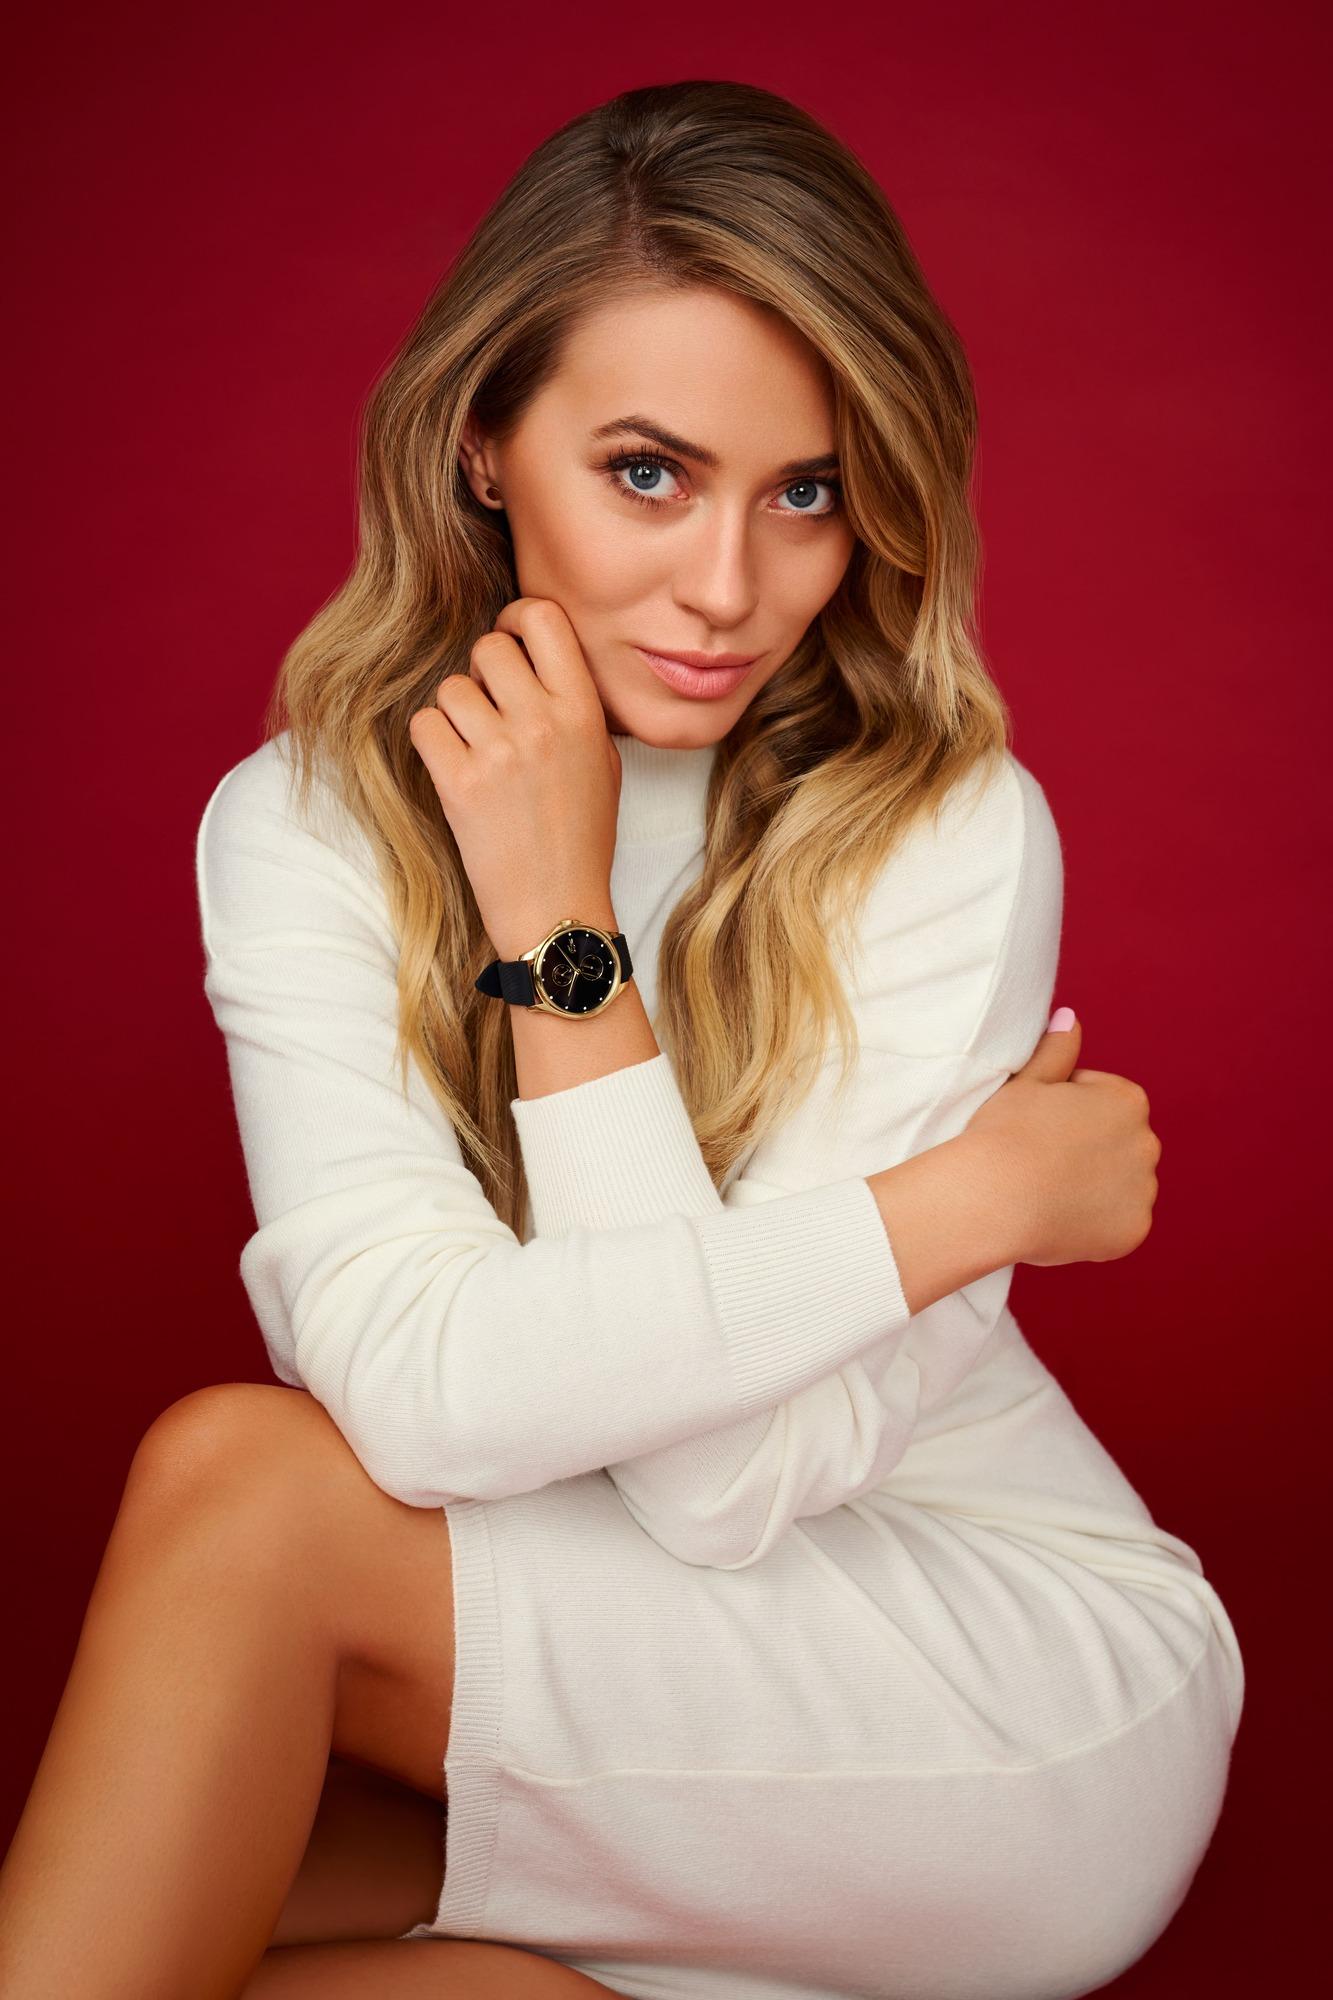 Piękna Marcelina z ulubionym zegarkiem.